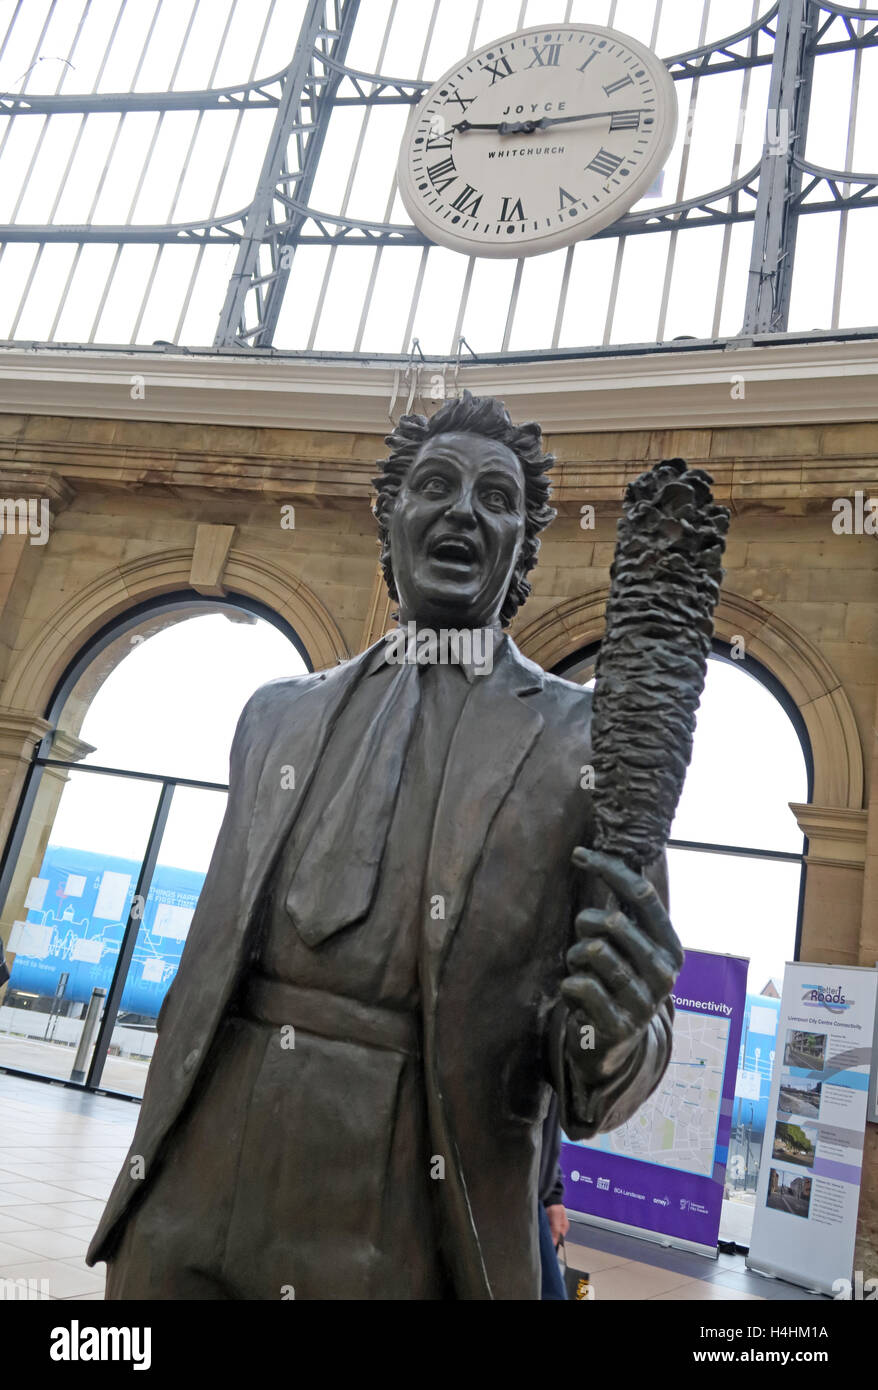 Laden Sie dieses Alamy Stockfoto Ken Dodd Statue, Liverpool Lime Street Railway Station, England, Vereinigtes Königreich - H4HM1A